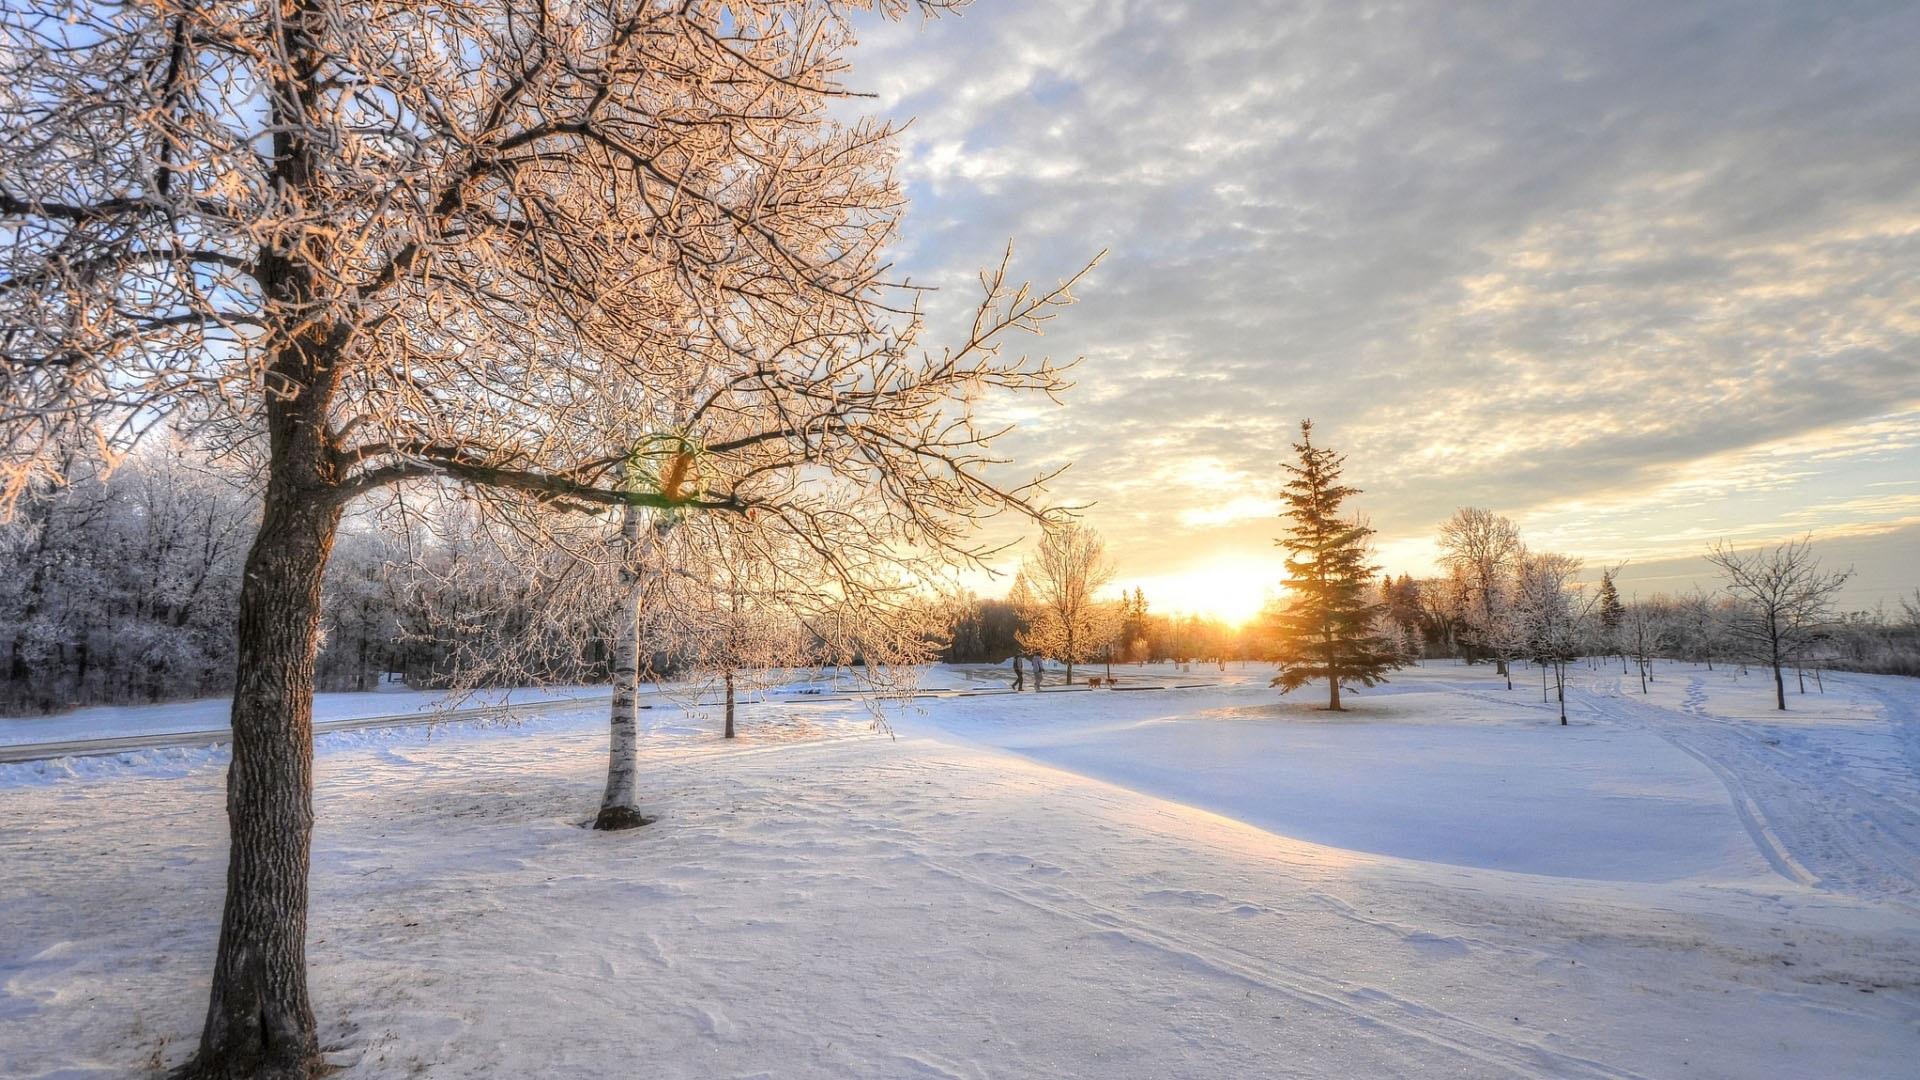 paysage hiver neige 002 saint jean baptiste en la fen tre de theux. Black Bedroom Furniture Sets. Home Design Ideas